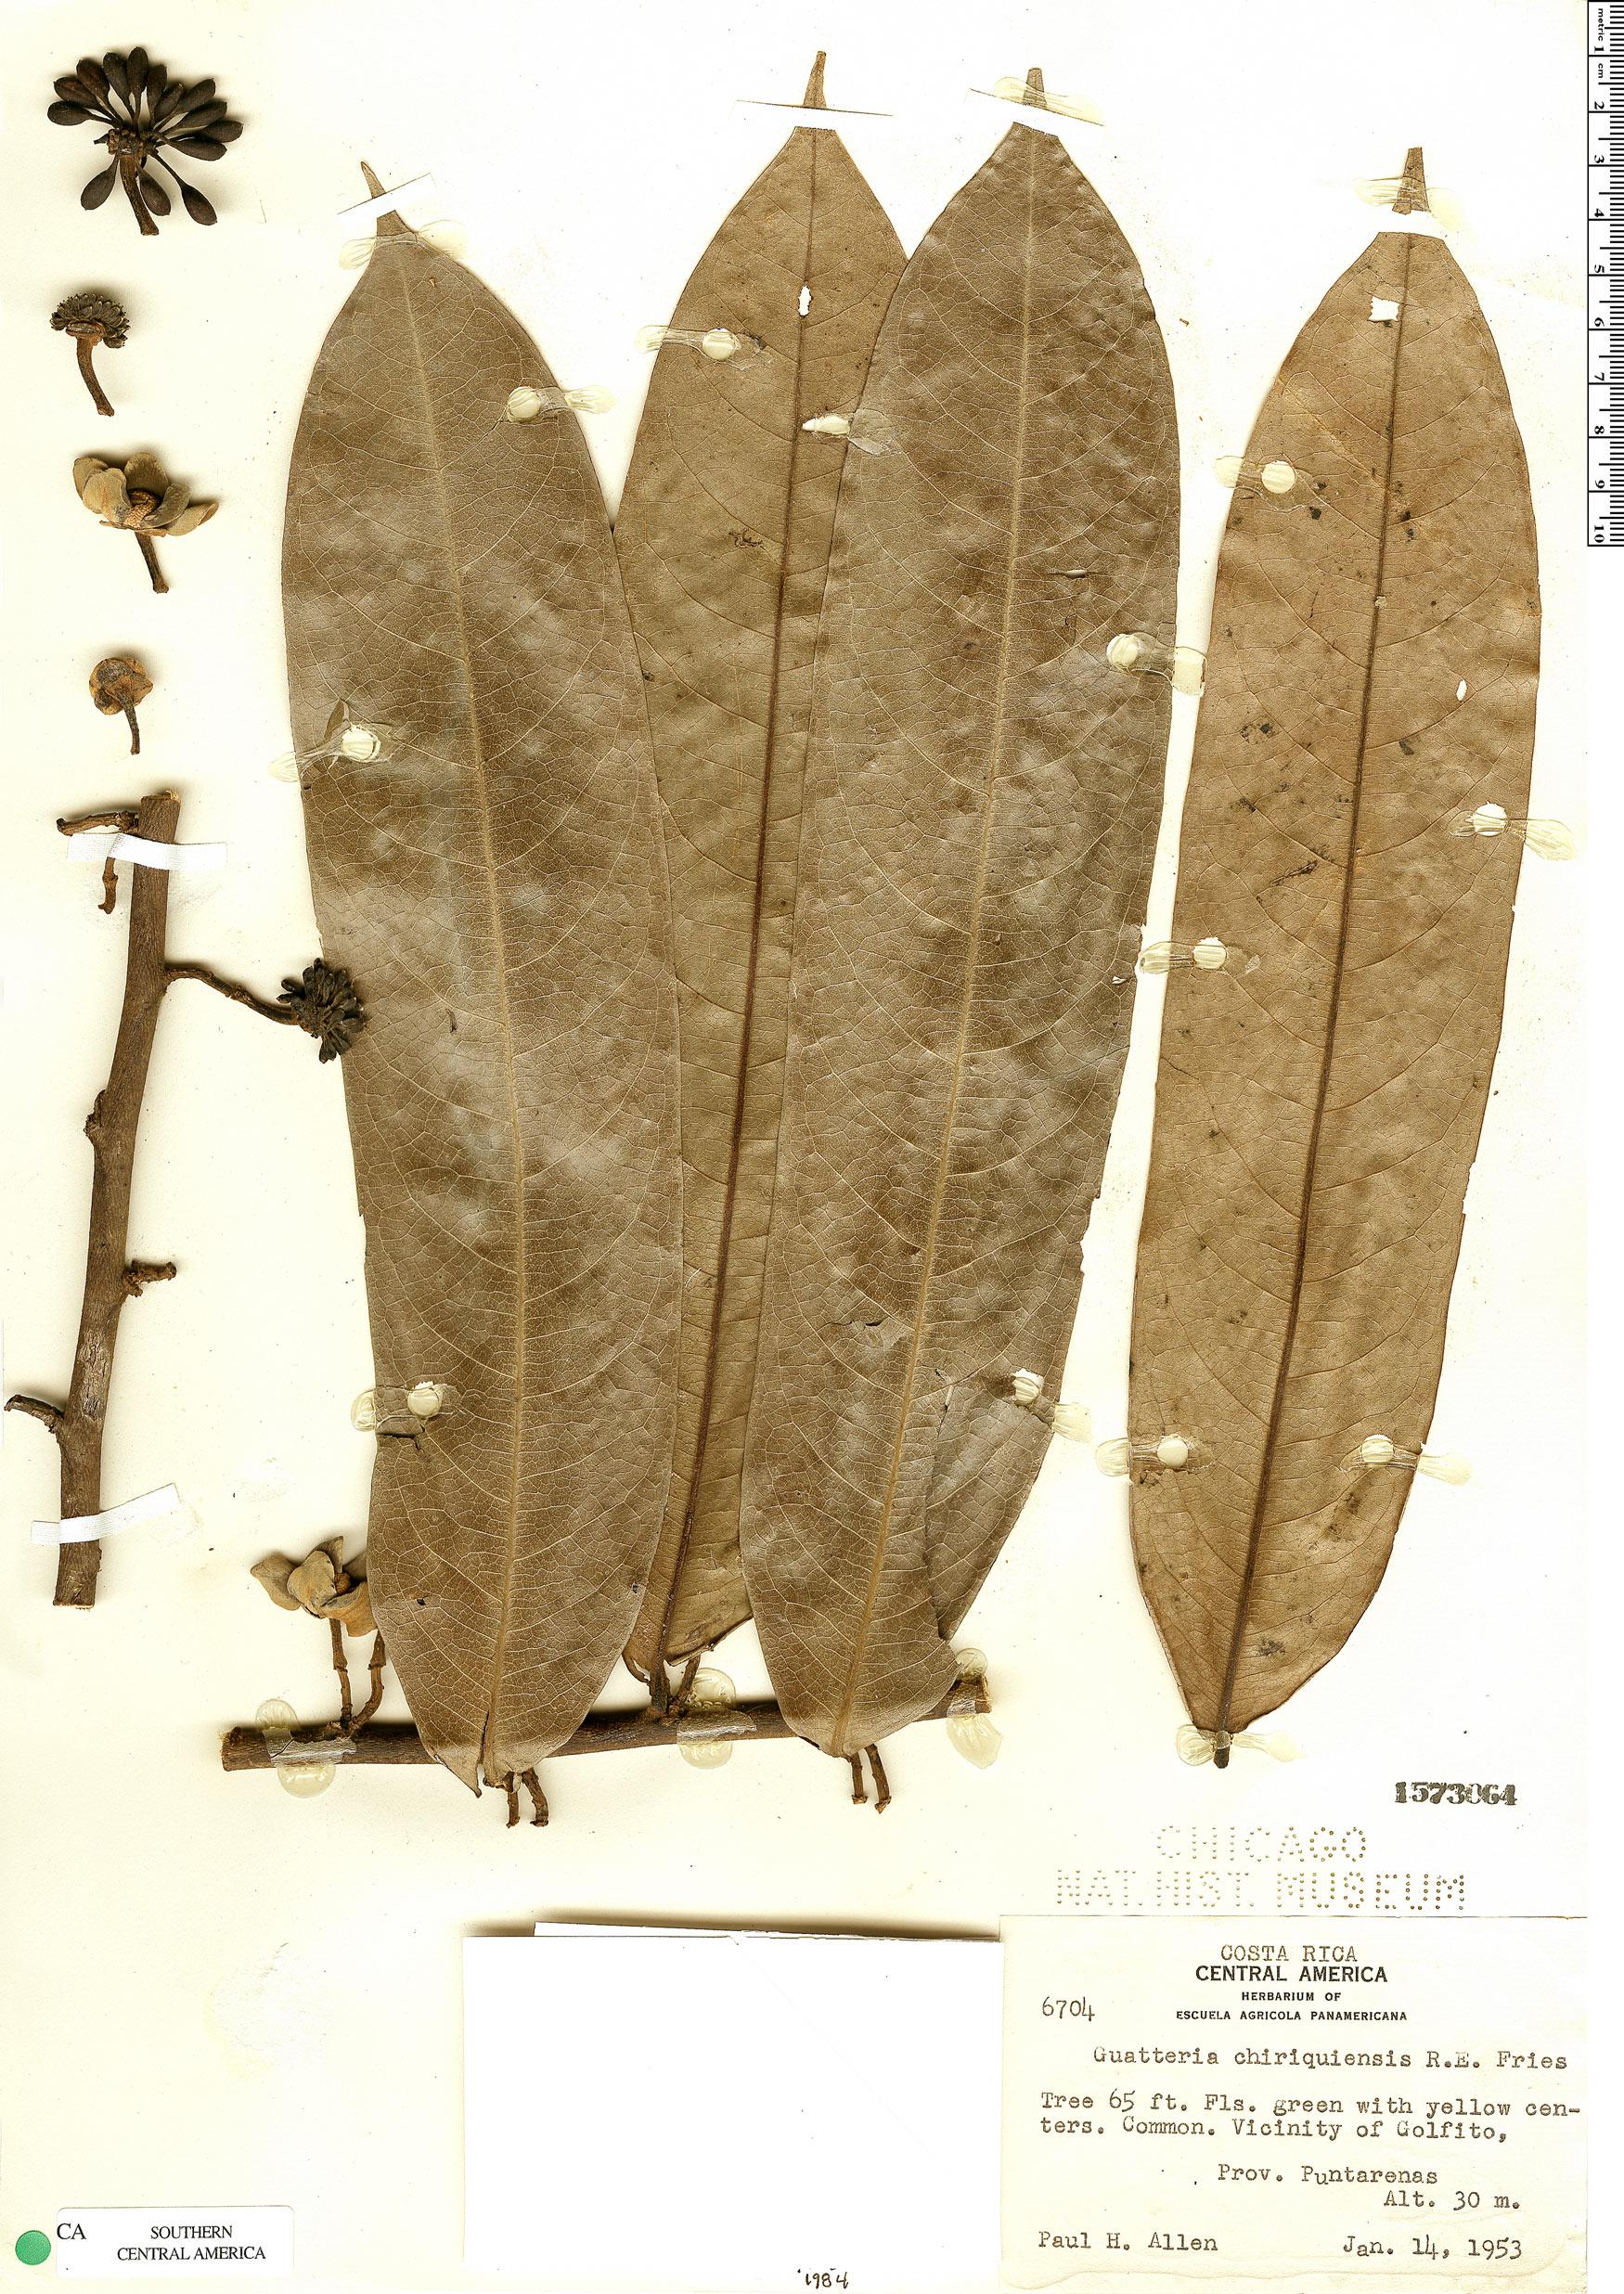 Espécime: Guatteria chiriquiensis